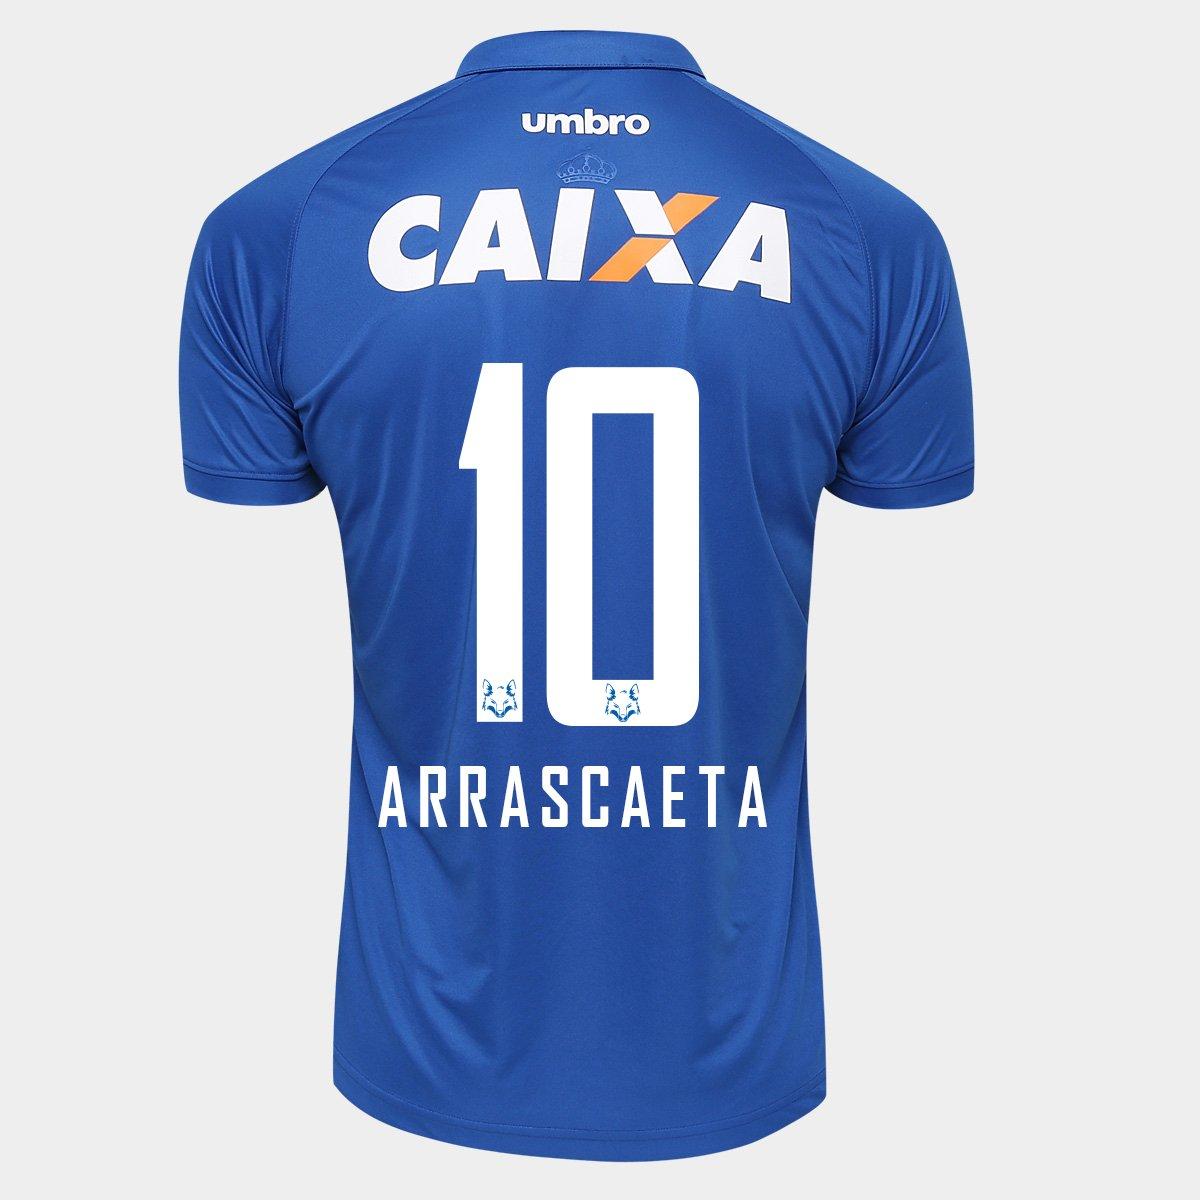 8e123d8fdb Camisa Umbro Cruzeiro I 2016 nº 10 - Arrascaeta - Compre Agora ...